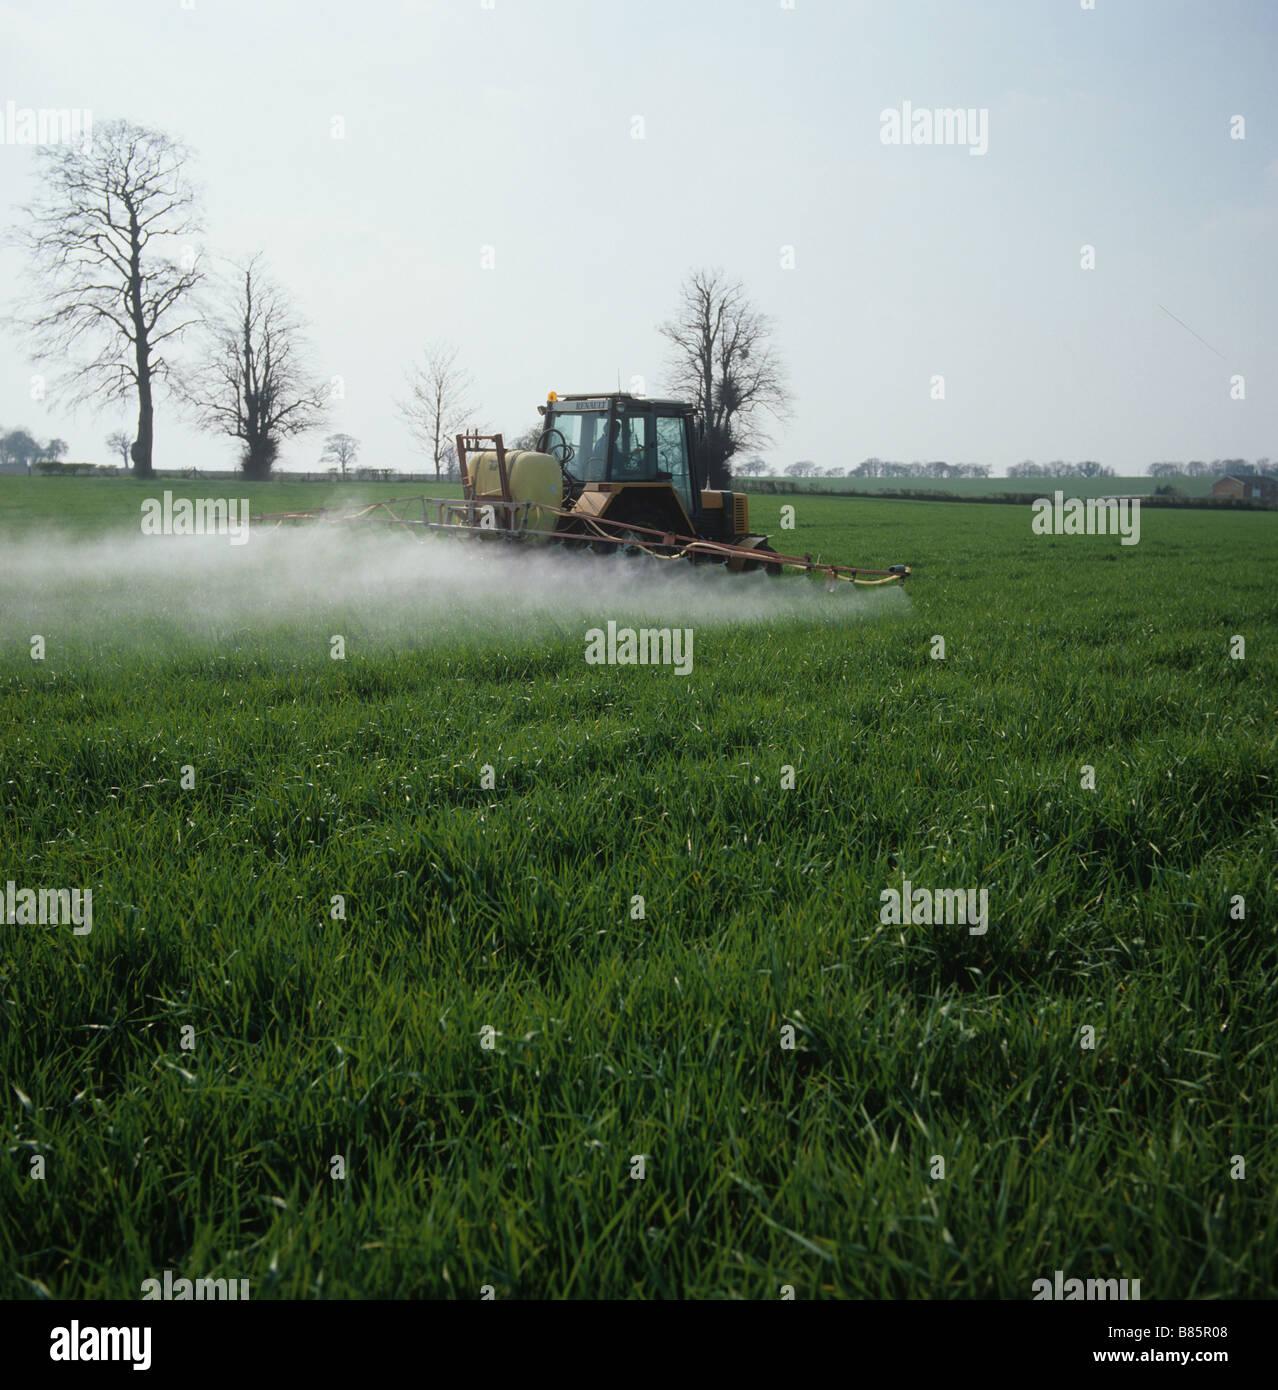 Spray sentado en la parte superior de un joven cosecha de cebada después de que el tractor y el remolque en Imagen De Stock